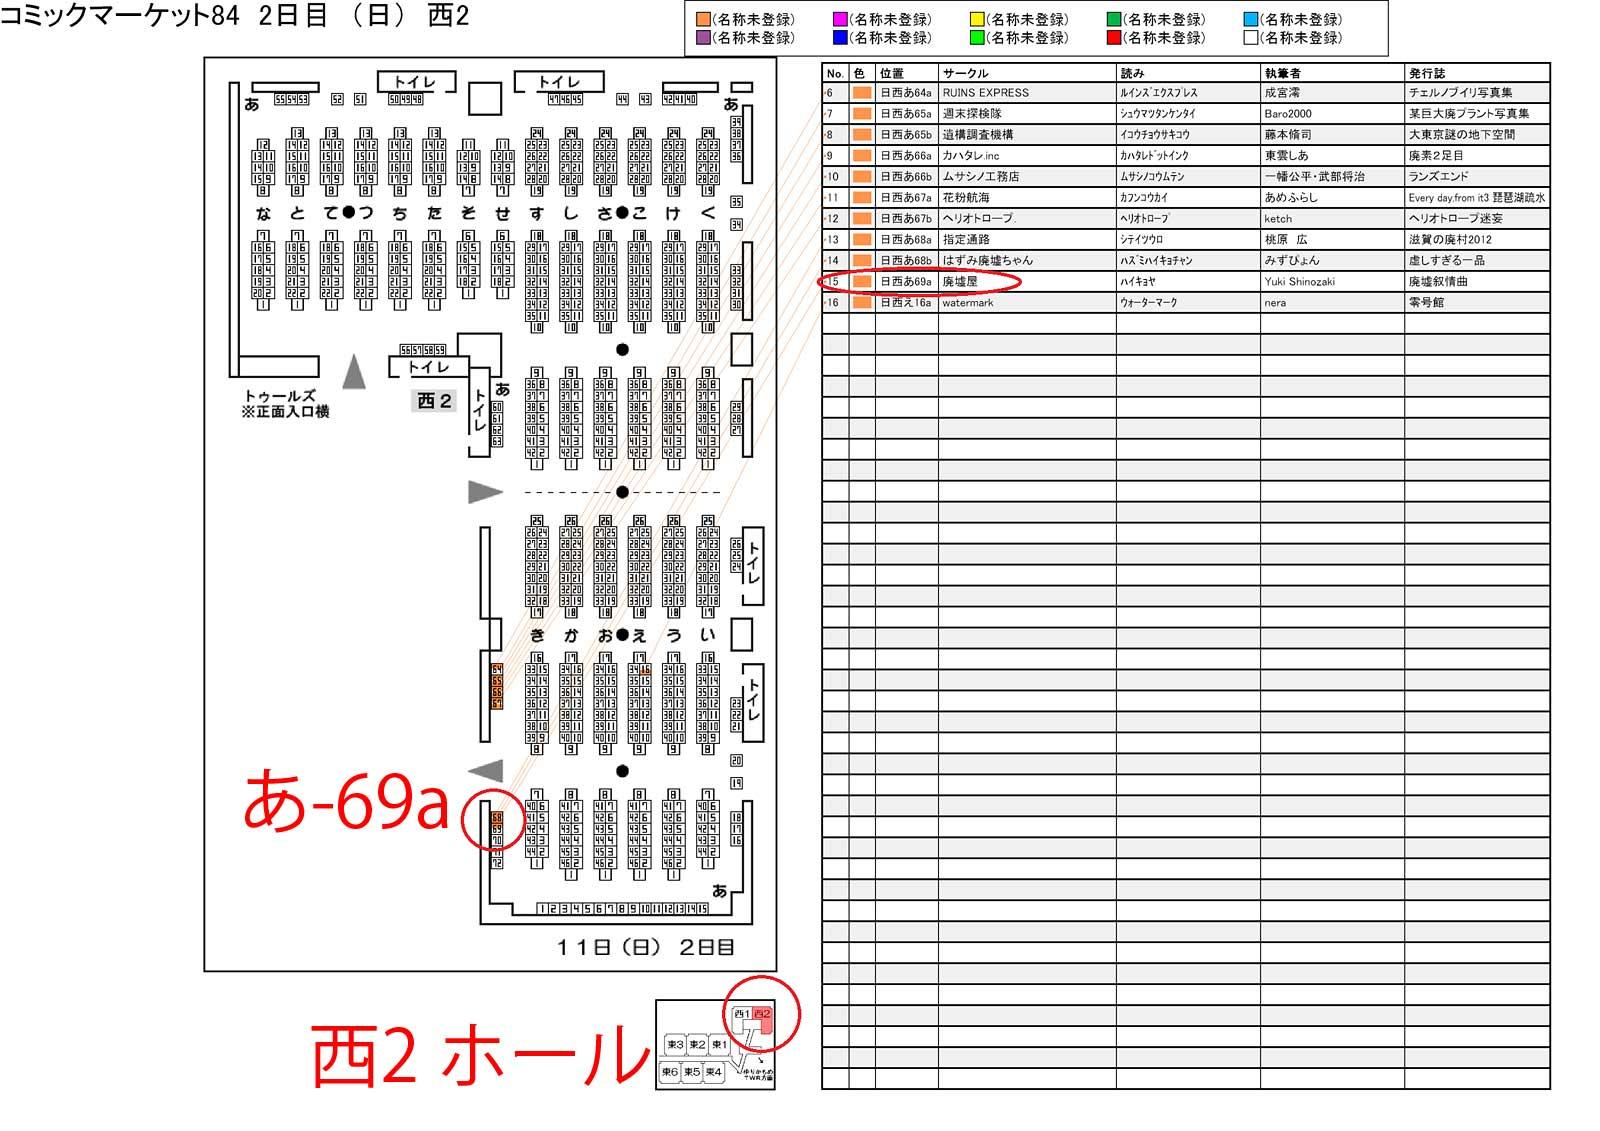 C84廃墟屋地図_説明付き